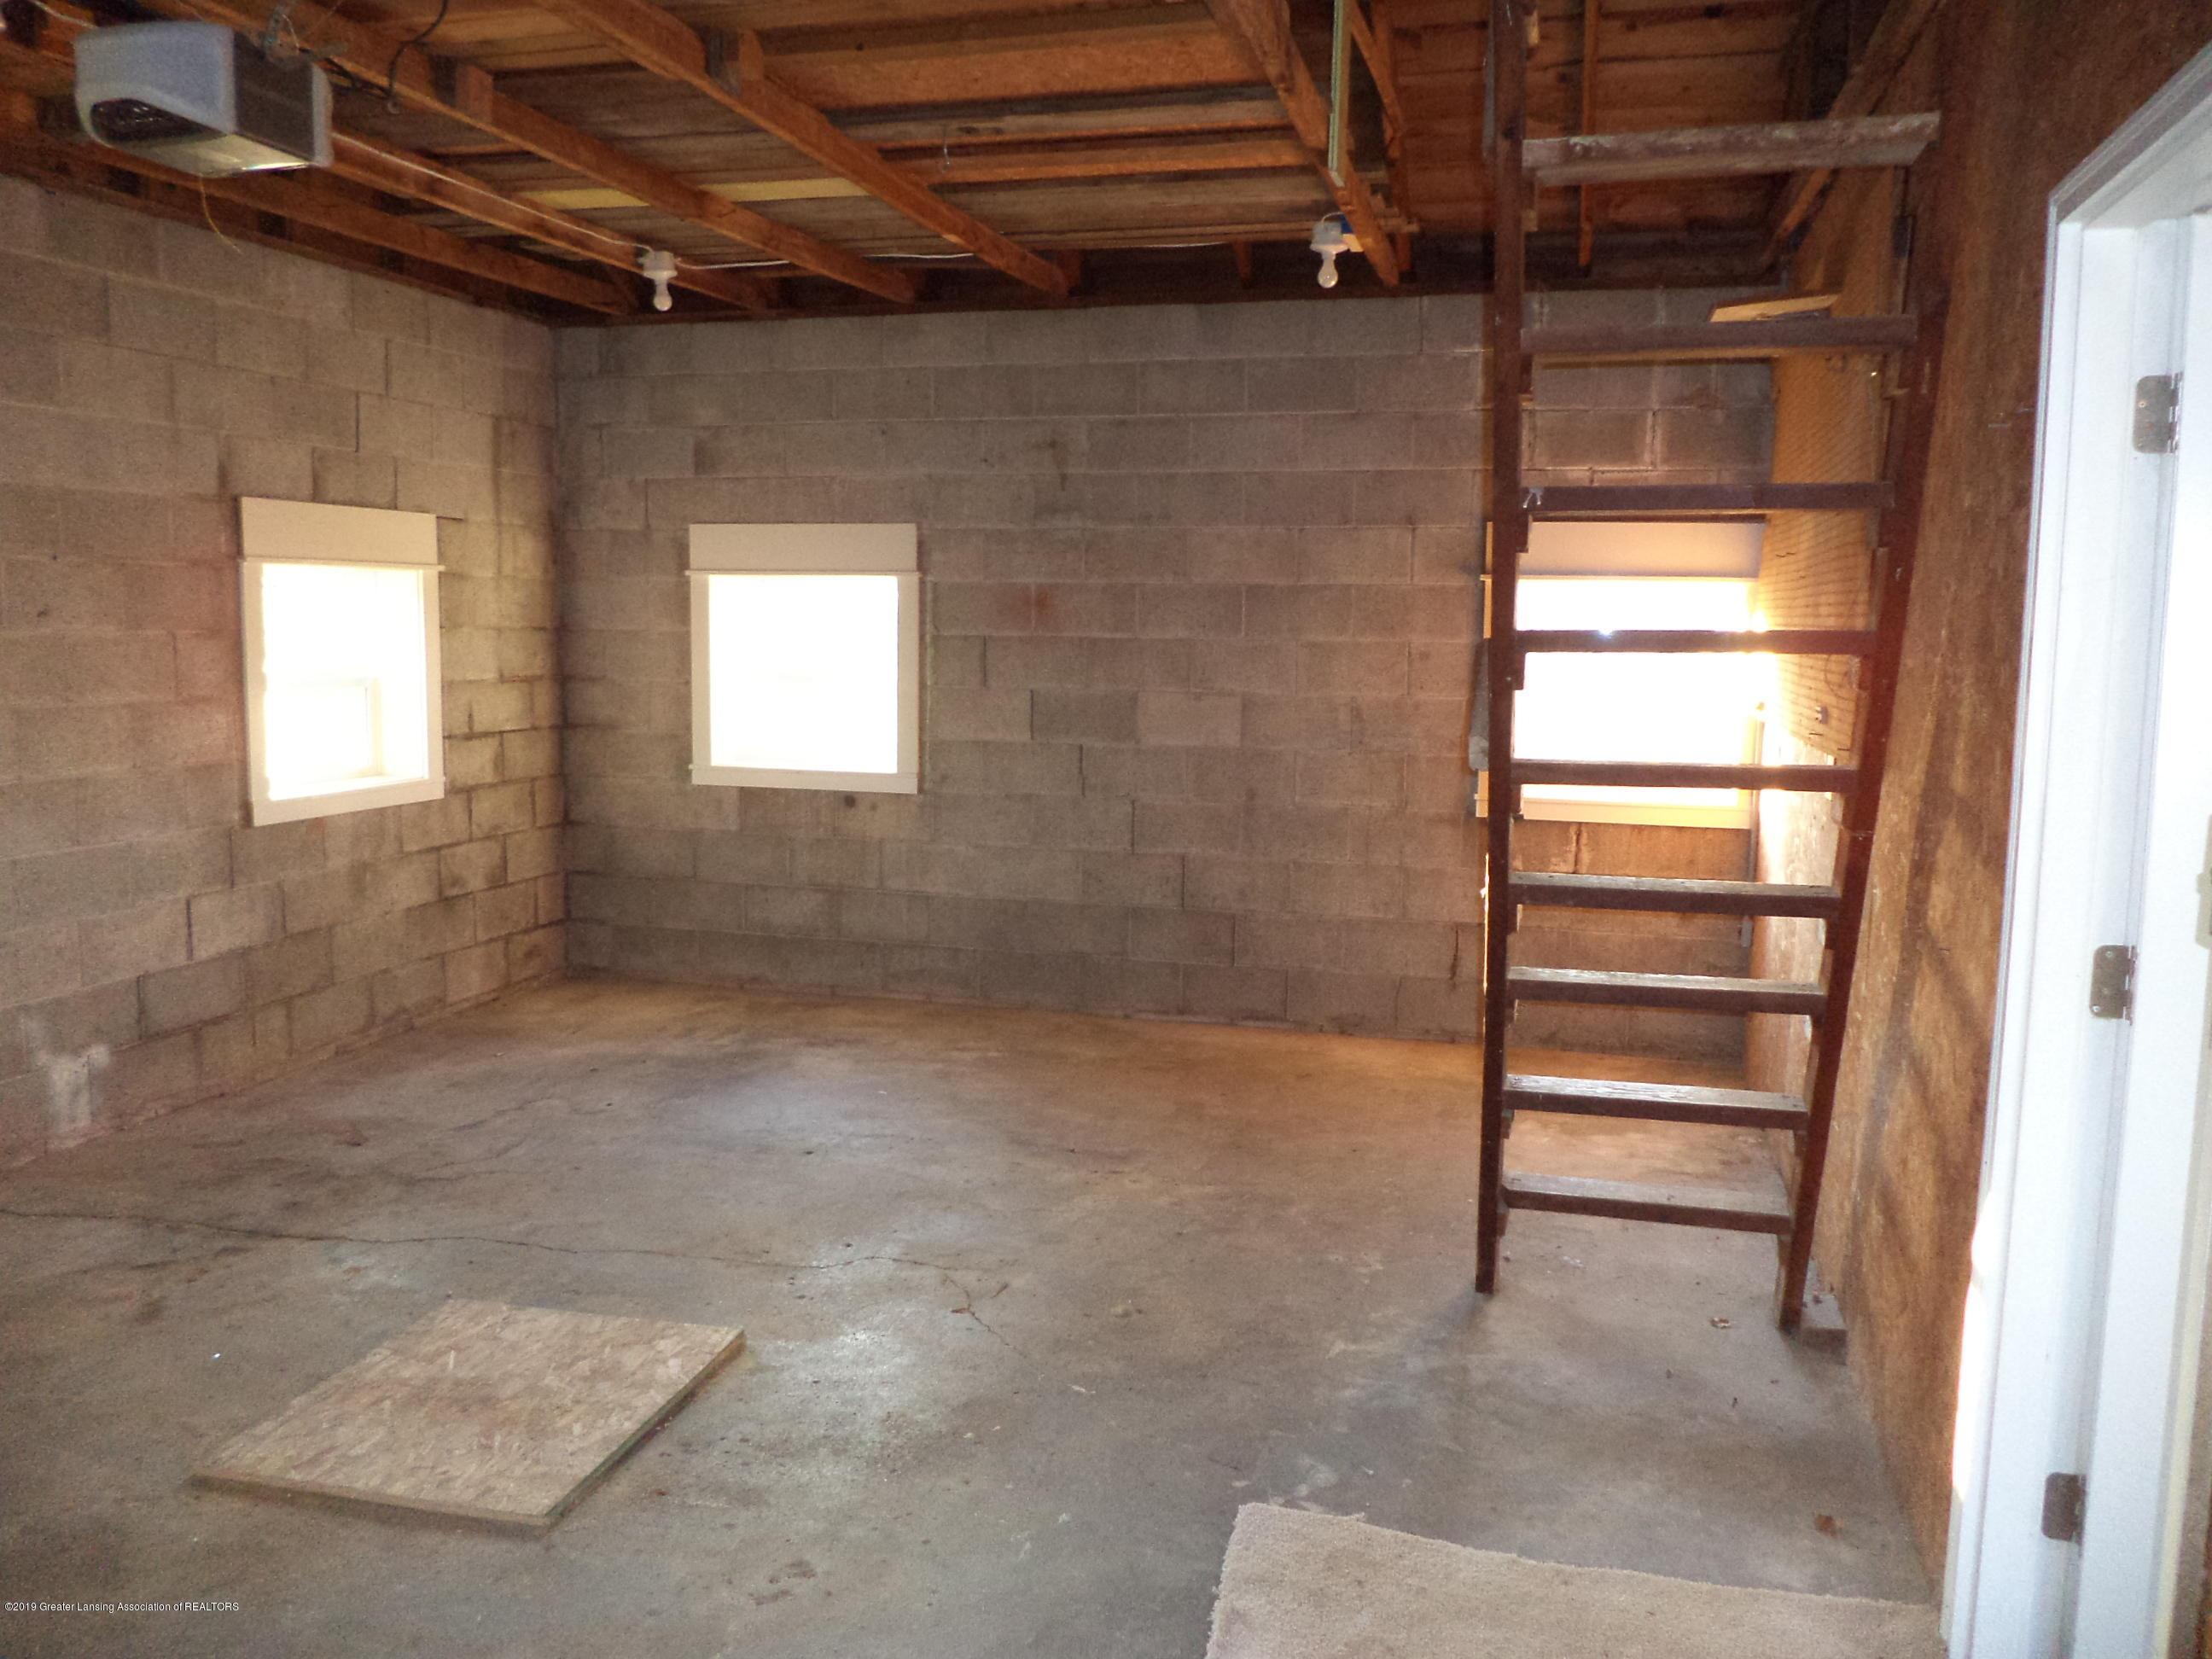 3200 S Dewitt Rd - Garage interior view 2 & stairs up - 34